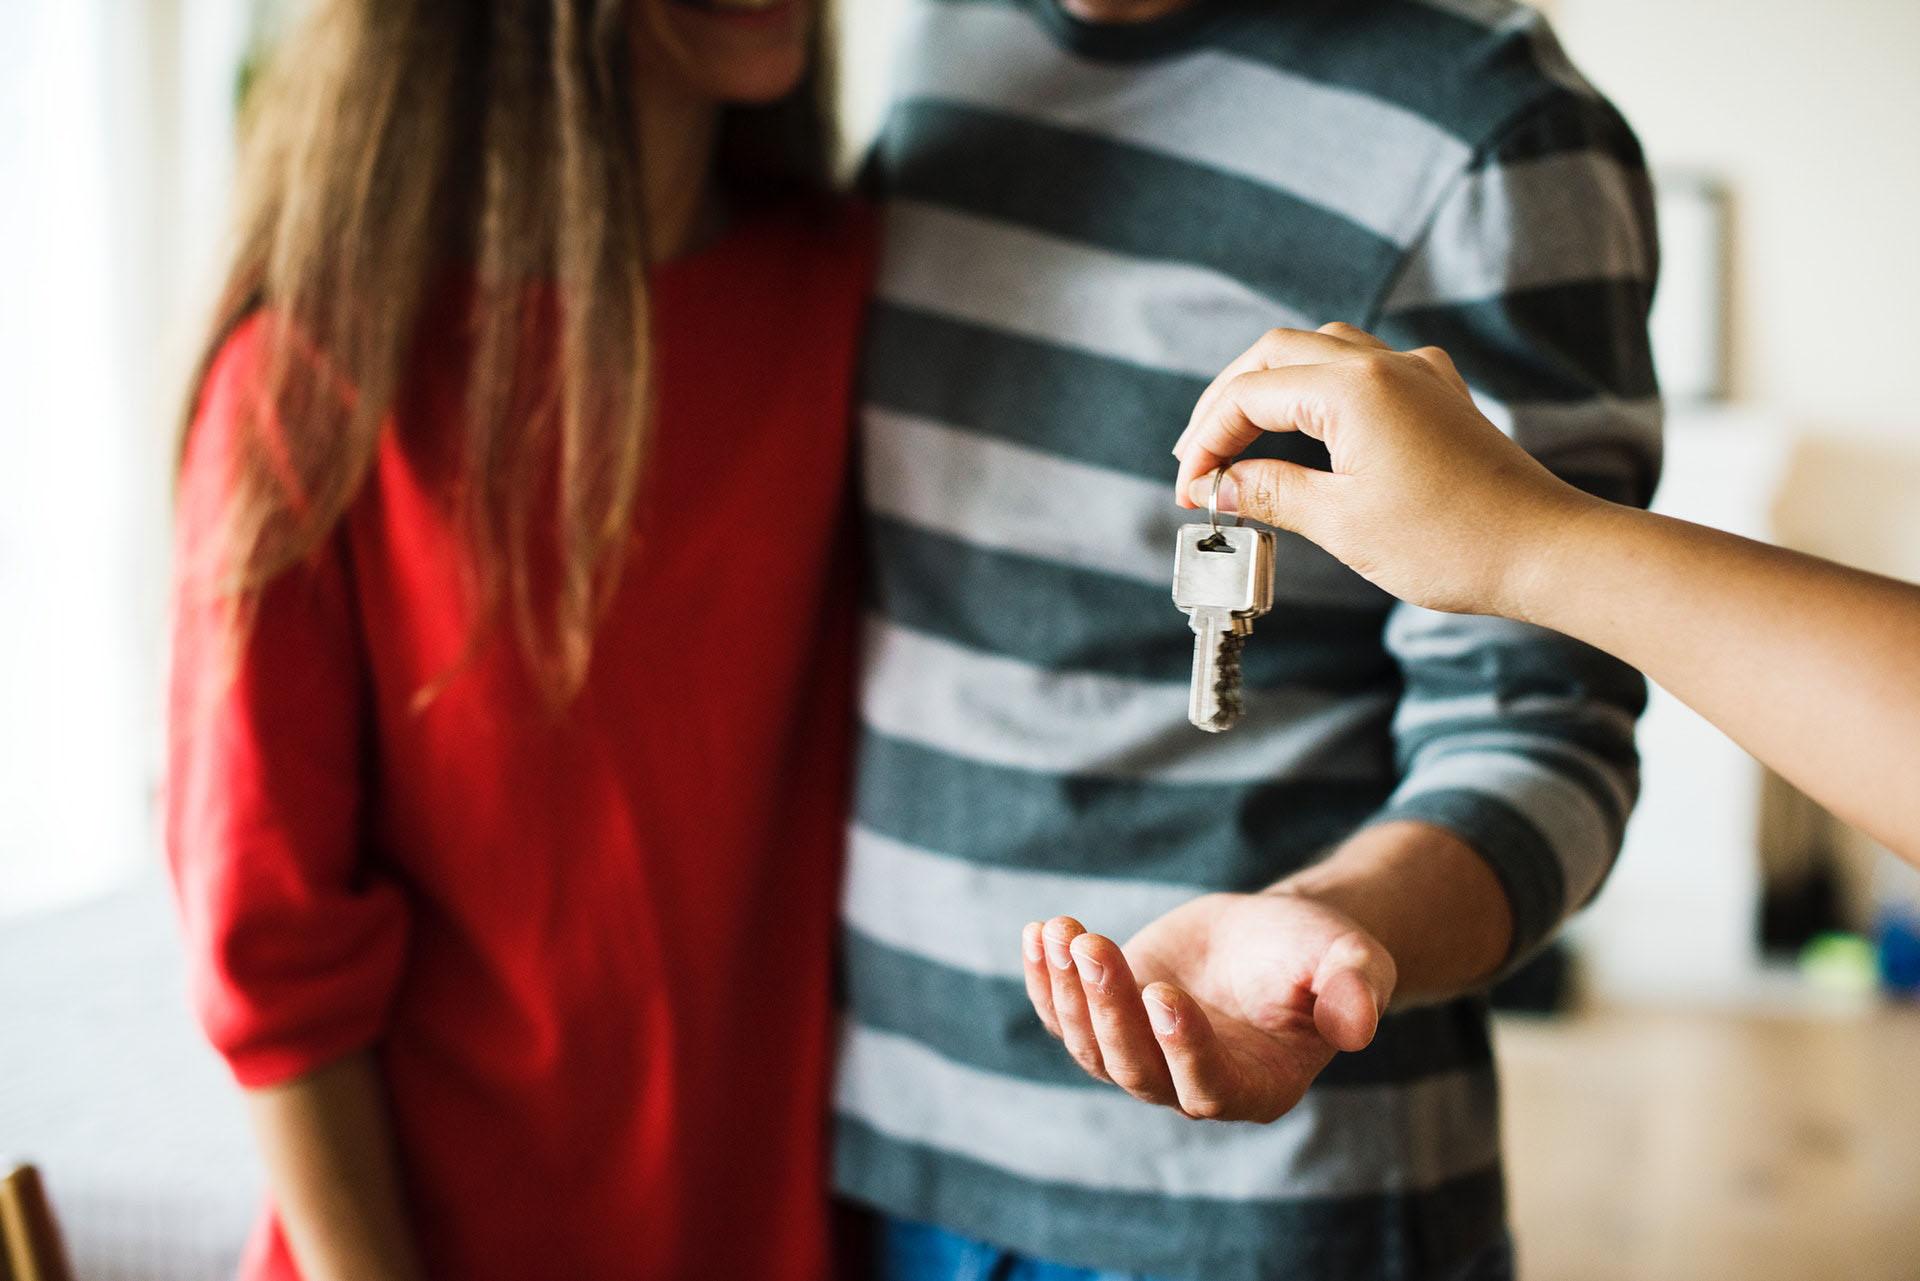 Штраф за допущение проживания гражданина Российской Федерации по месту пребывания или по месту жительства в жилом помещении без регистрации